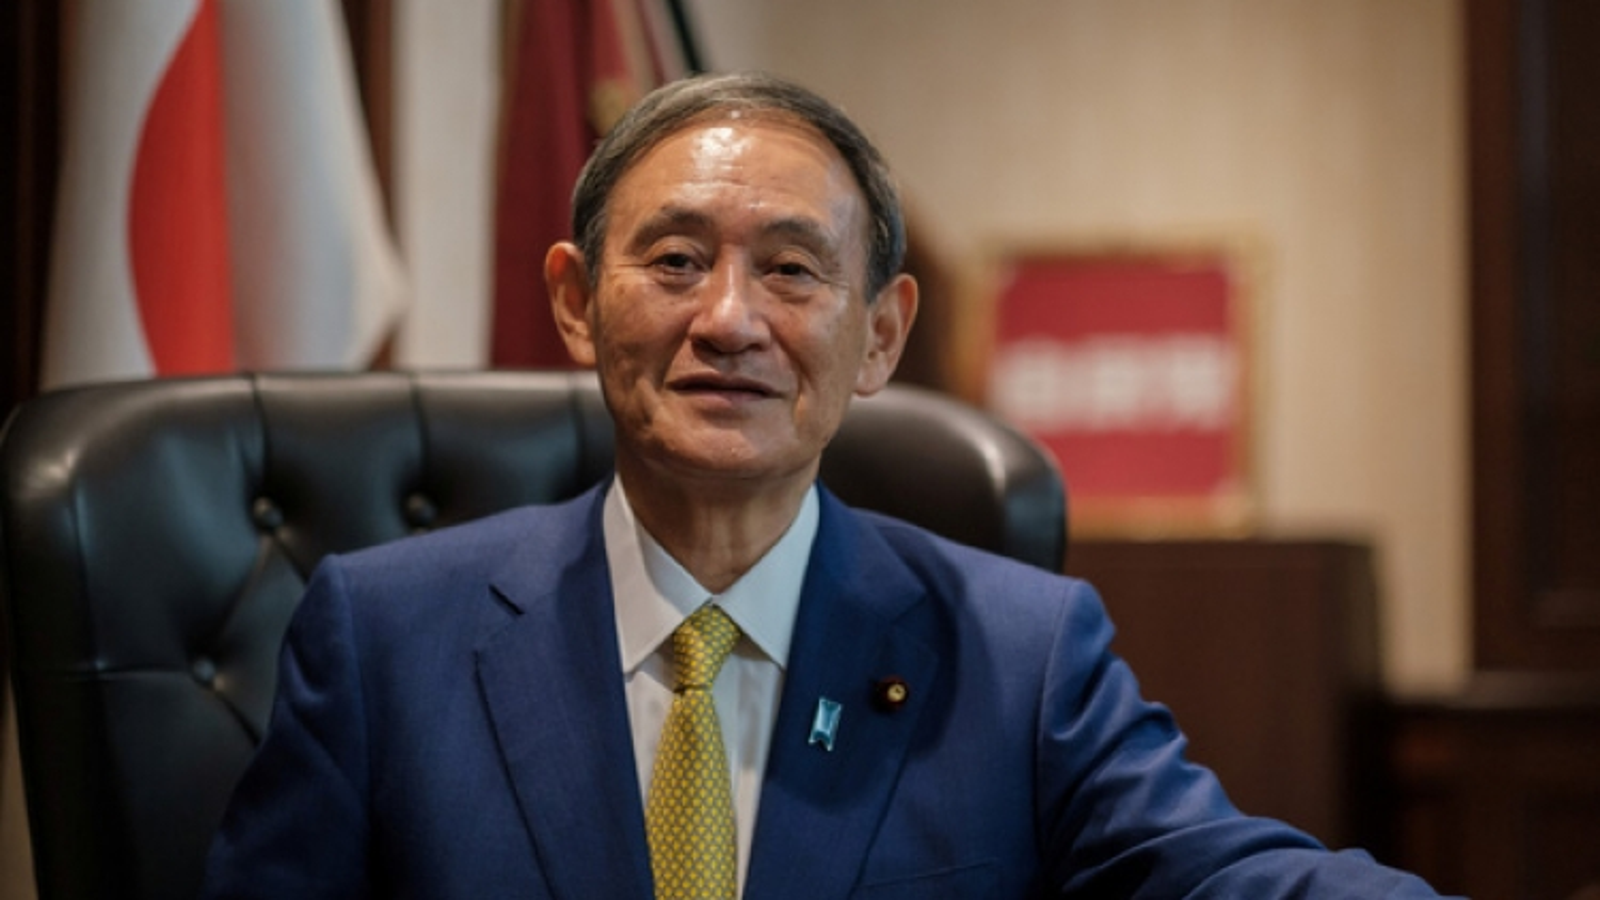 Ông Suga Yoshihide chính thức được Quốc hội Nhật Bản bầu làm Thủ tướng